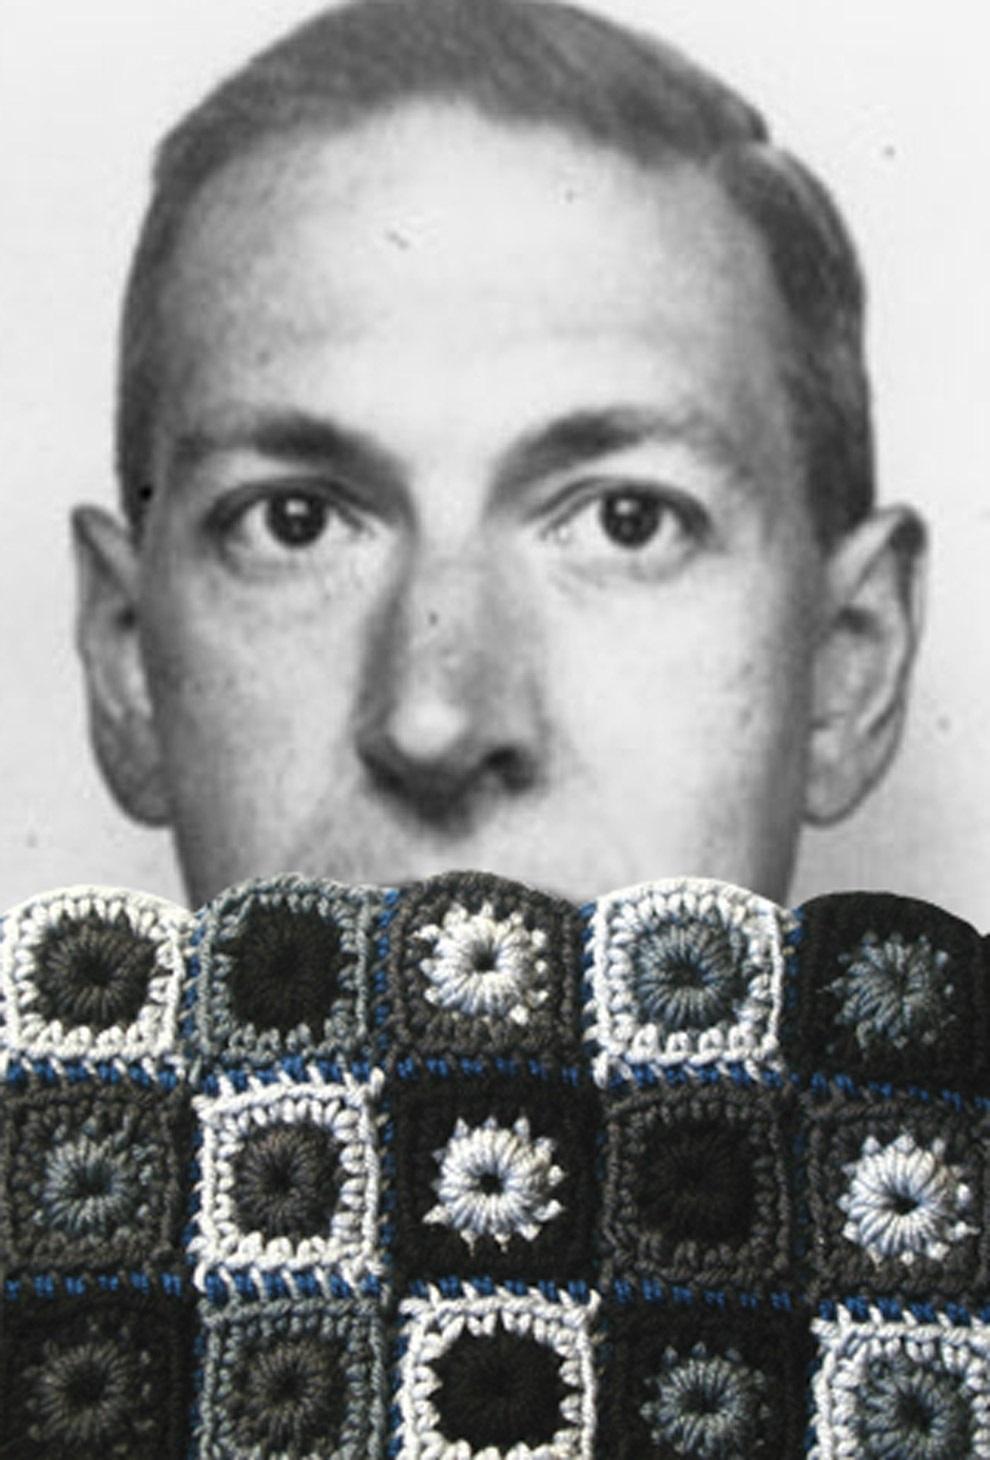 H.P. Lovecraft Unisex Neckwarmer - H.P. Lovecraft scaldacollo unisex